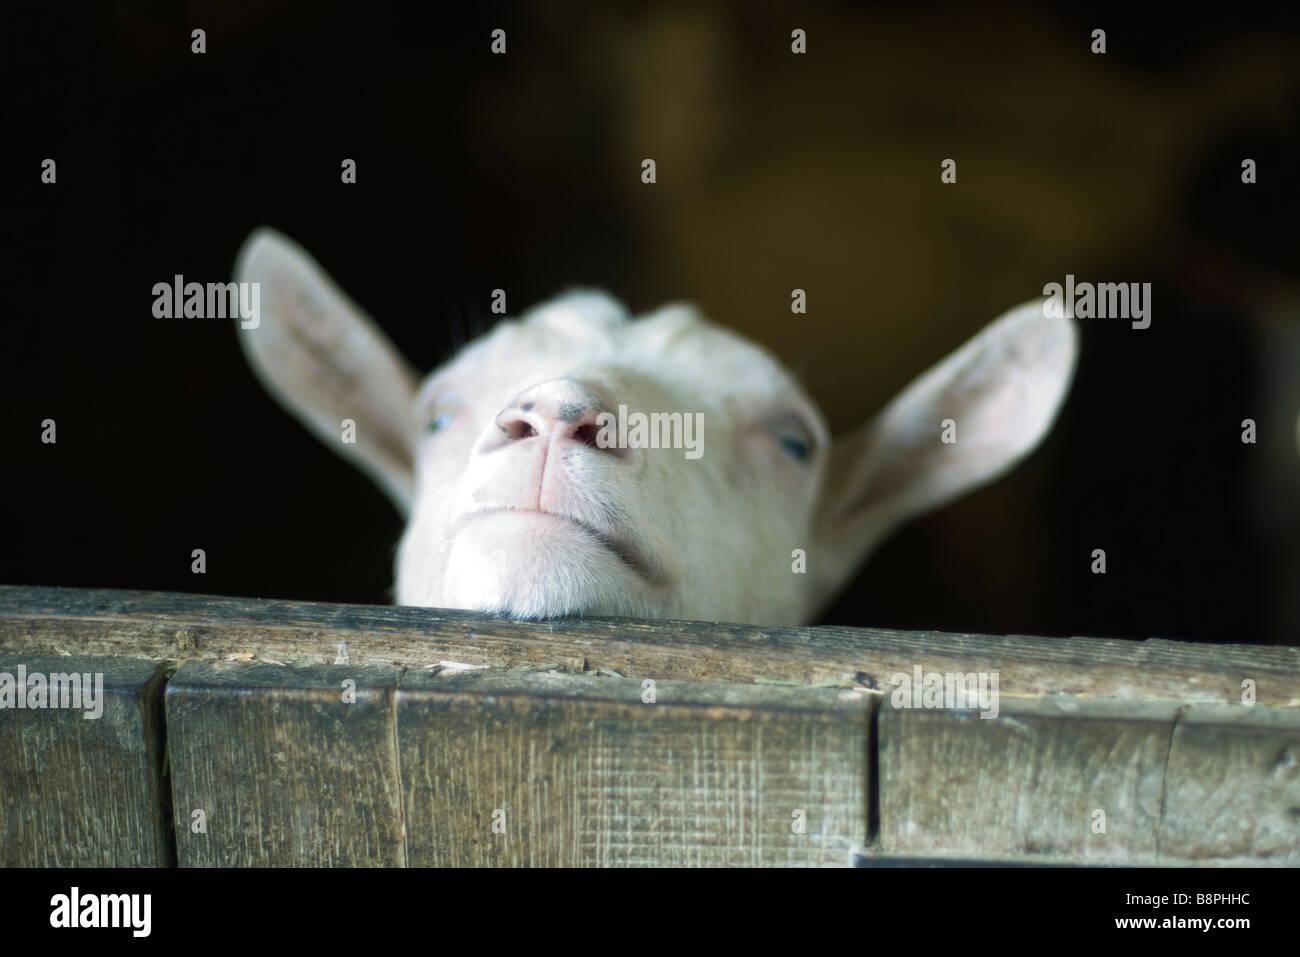 Goat looking over barn door - Stock Image